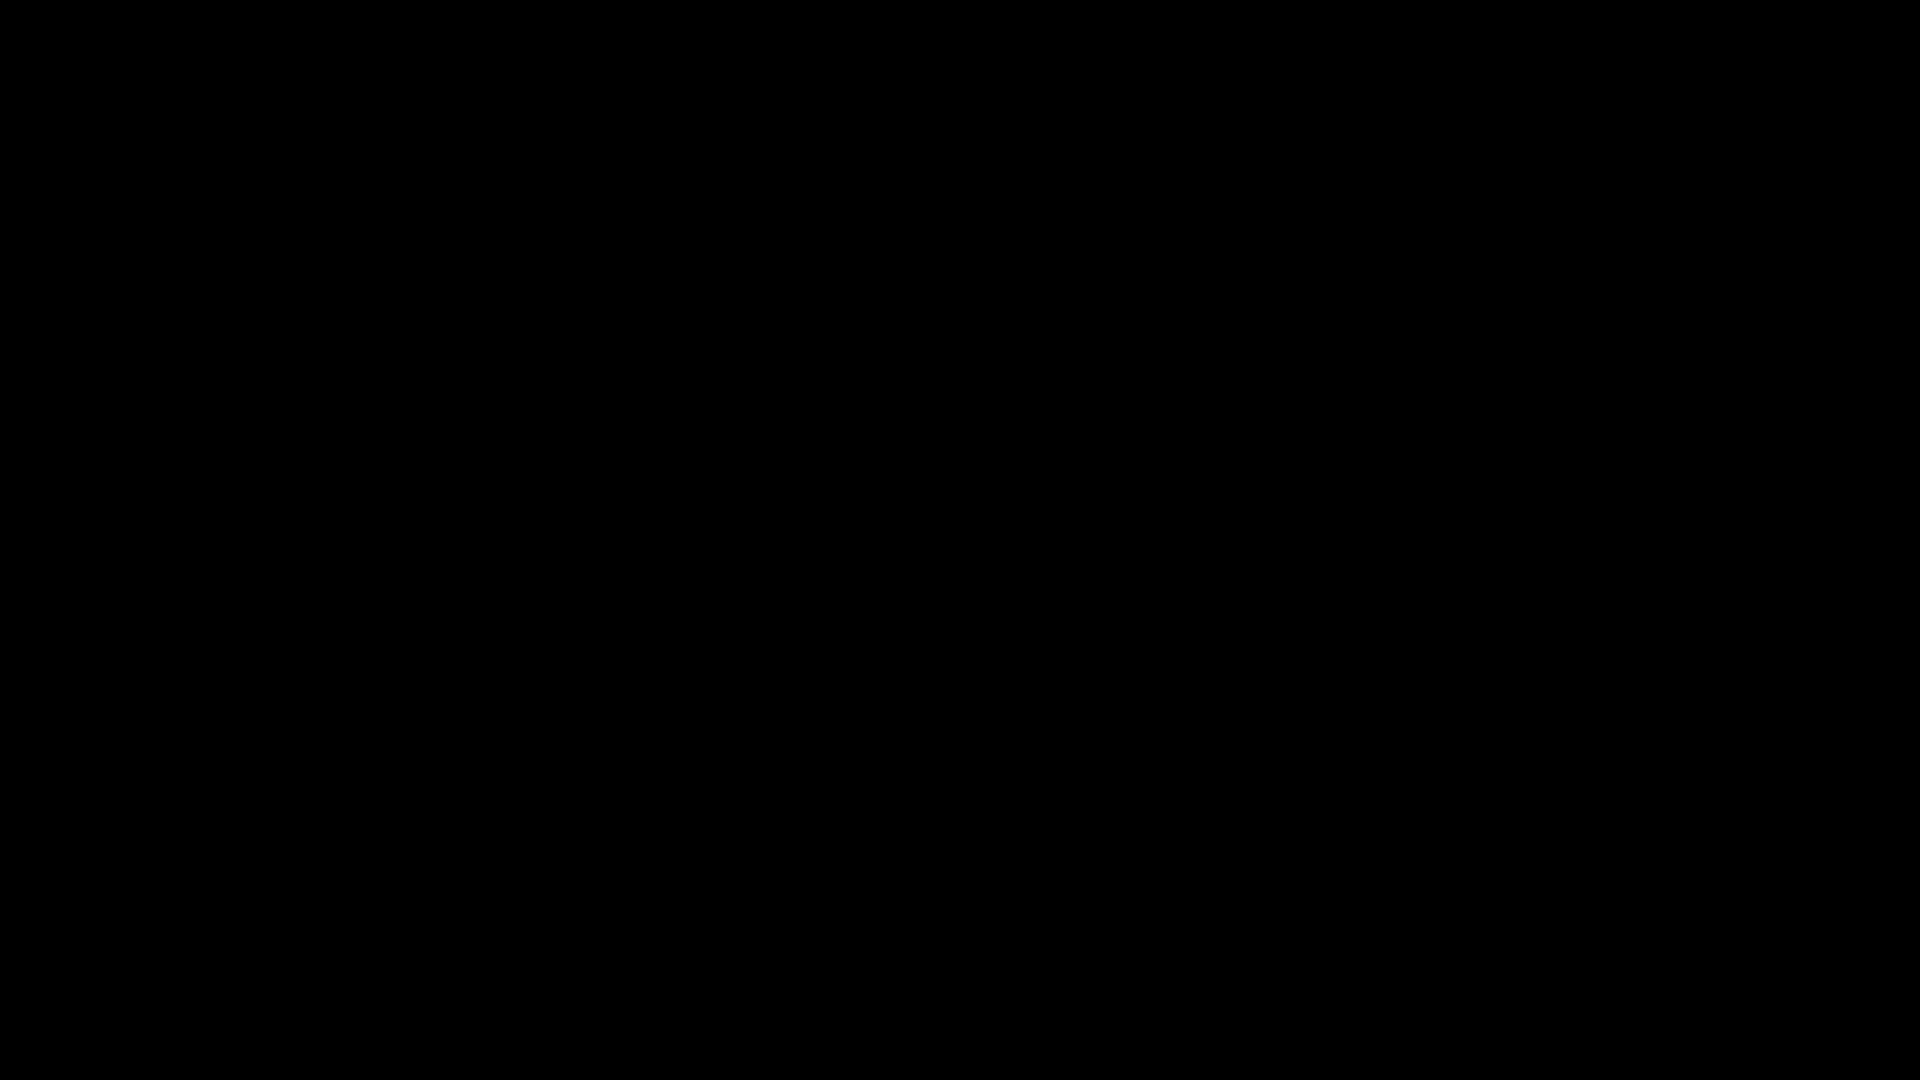 في سوق الأسهم مضحك اكسسوارات الأسود عارضة مزيج التصاميم القادمة مع صناديق الكاحل جورب للرجال